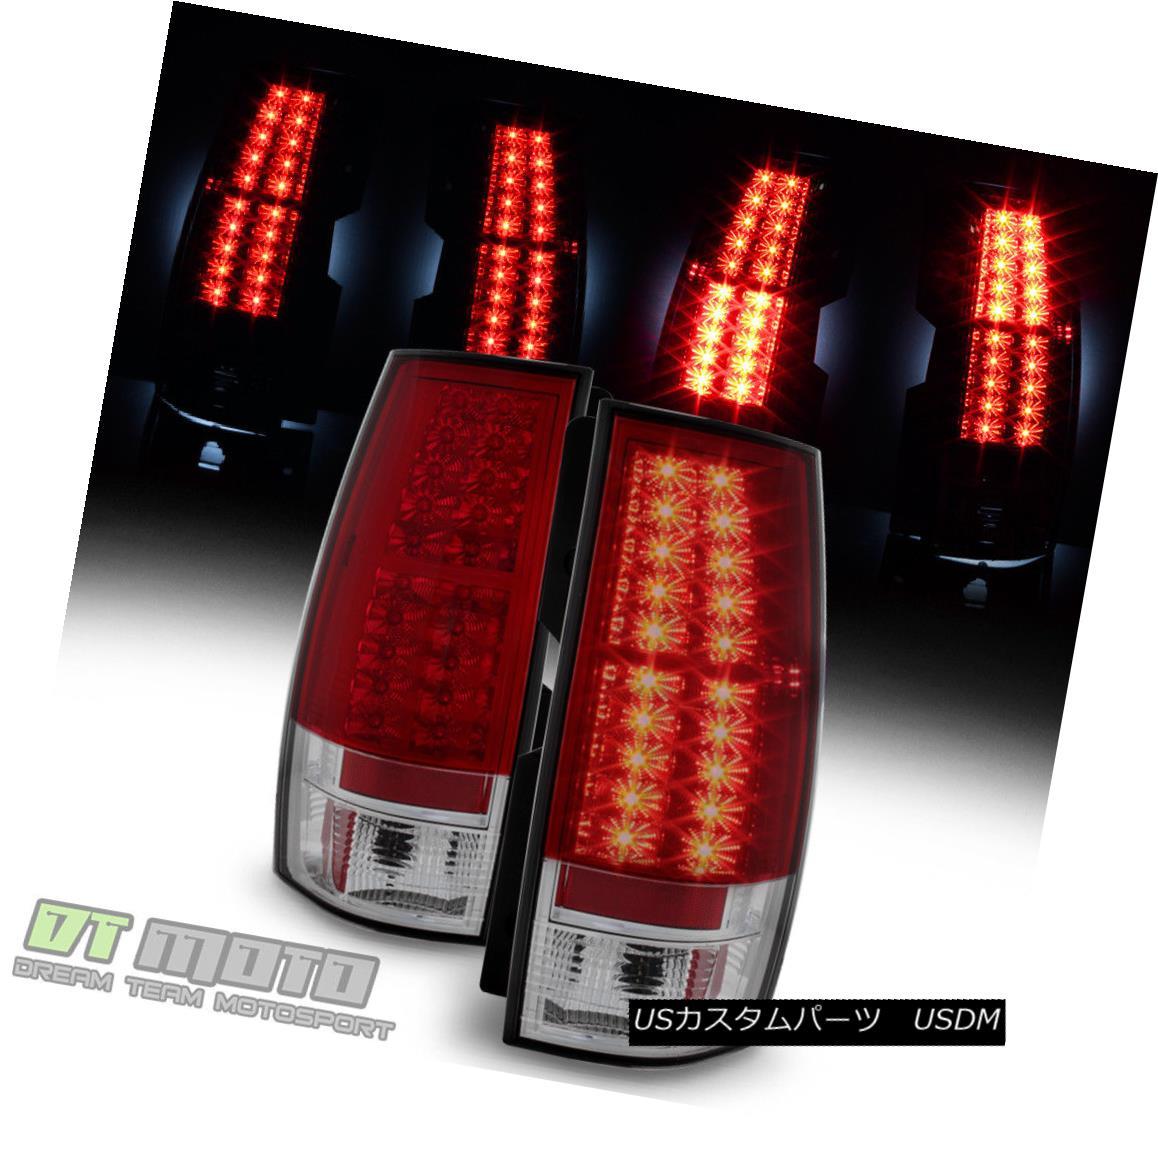 テールライト 2007-2014 Chevy Suburban Tahoe GMC Yukon Lumileds LED Red Tail Lights Left+Right 2007-2014シボレー郊外のタホGMCユーコンLumileds LEDレッドテールライト左+右